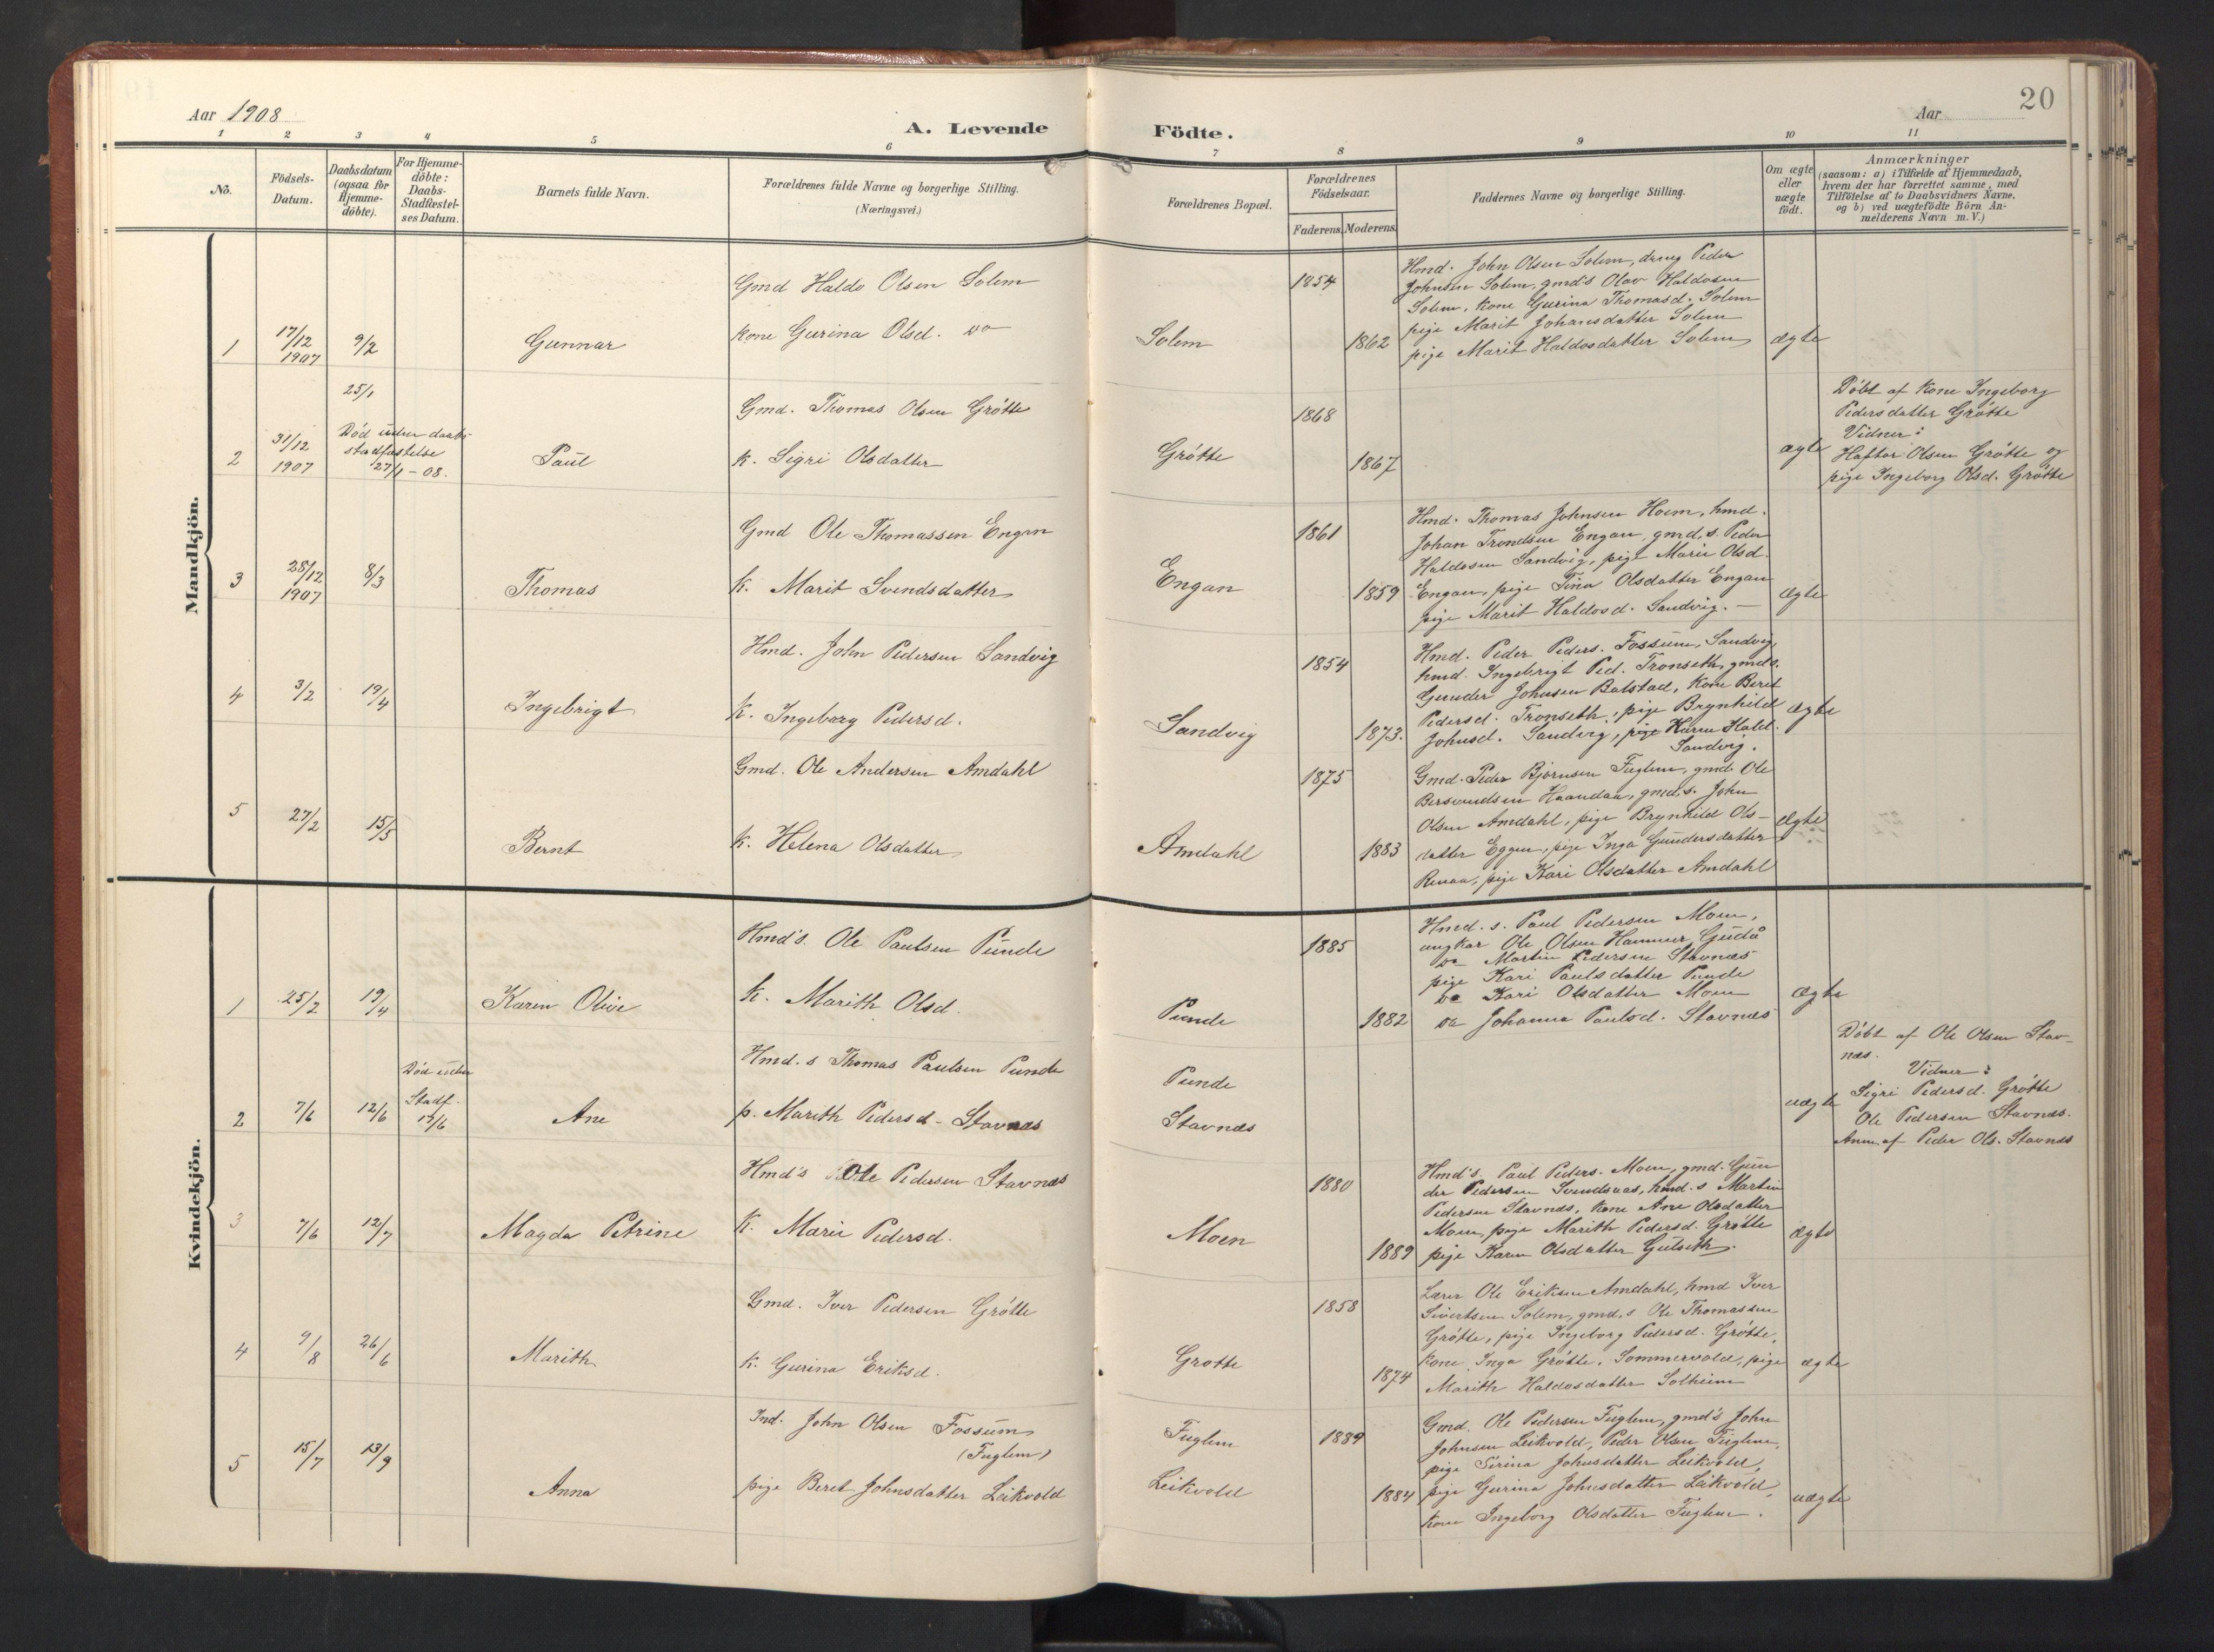 SAT, Ministerialprotokoller, klokkerbøker og fødselsregistre - Sør-Trøndelag, 696/L1161: Klokkerbok nr. 696C01, 1902-1950, s. 20